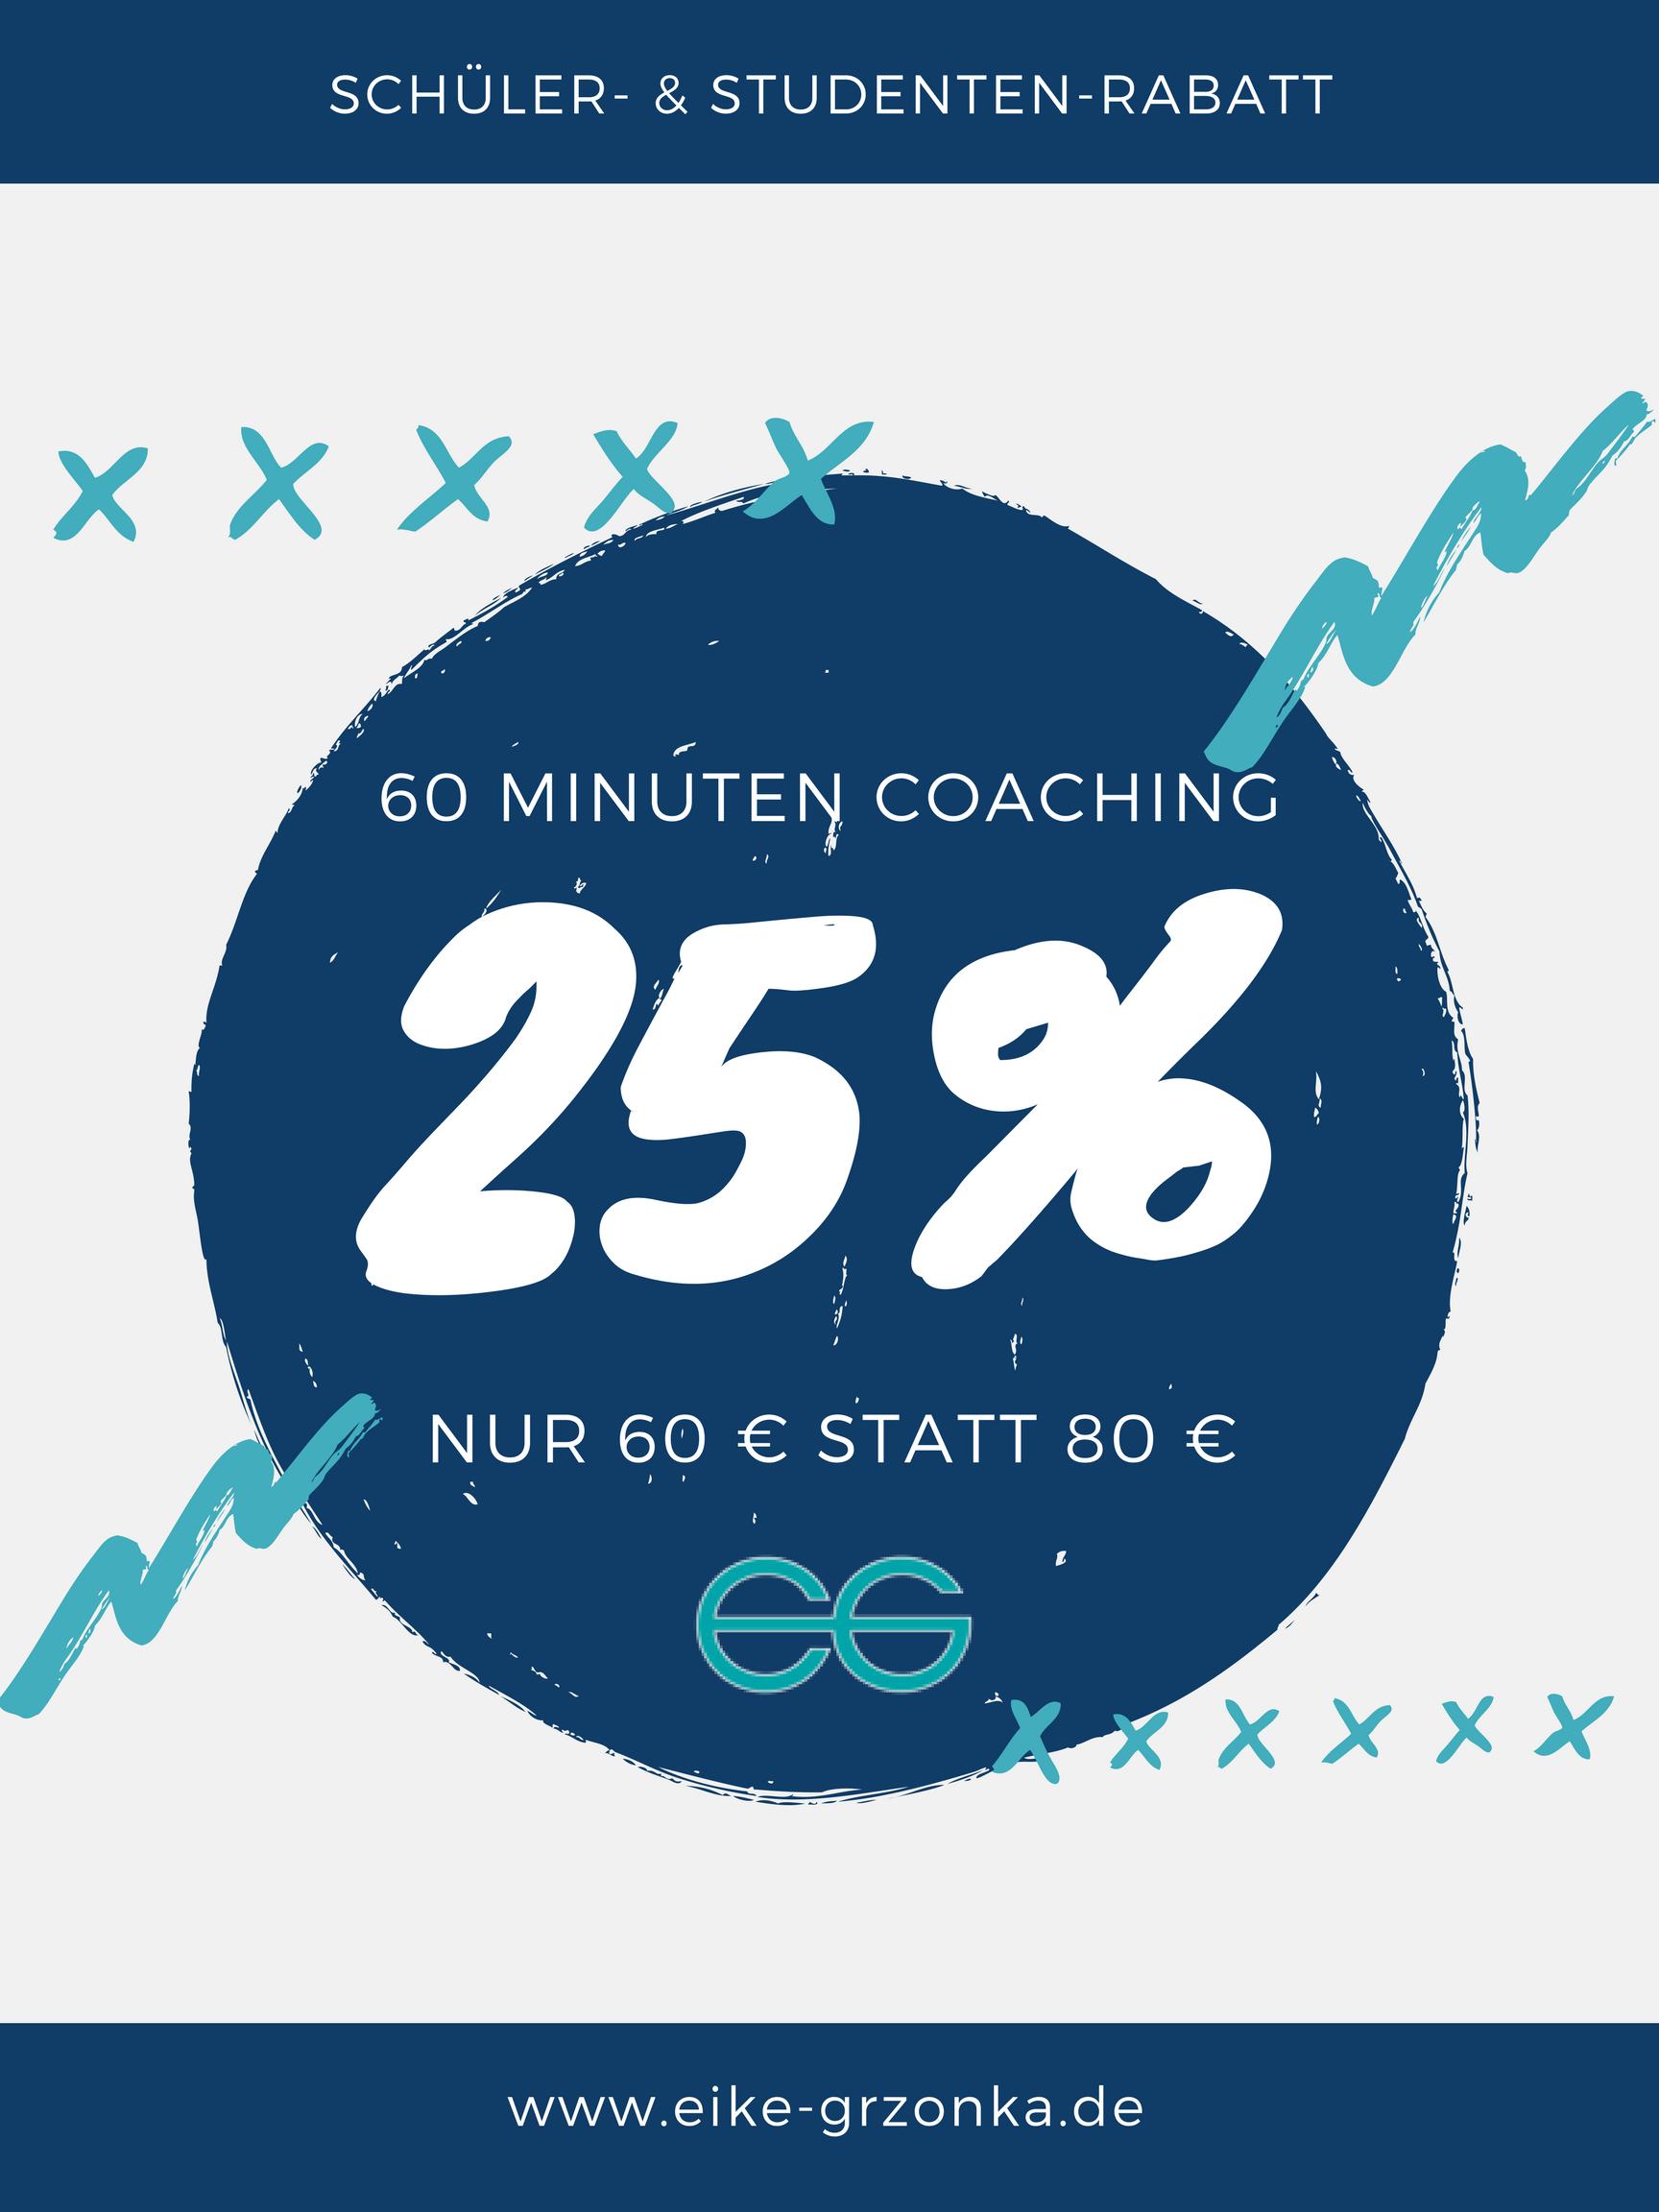 20%Rabatt Coaching Schüler Stundenten von Eike Grzonka